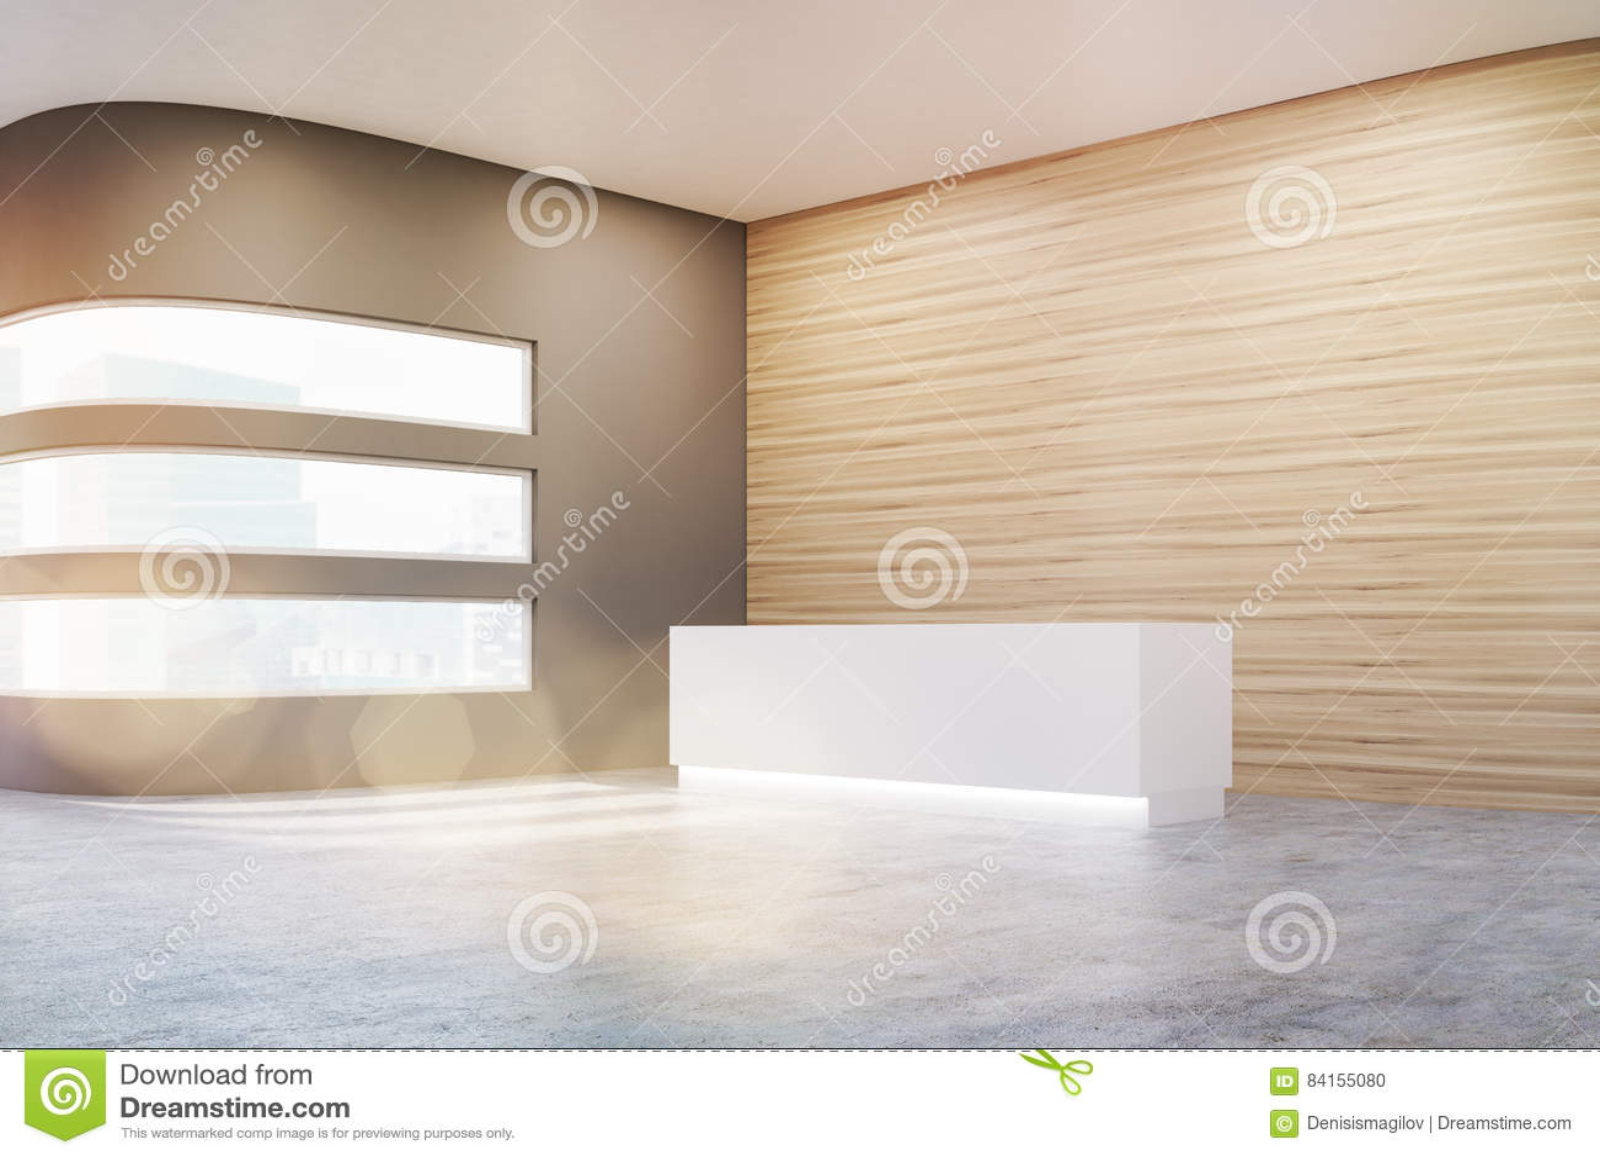 一个空的办公室大厅的侧视图有木和灰色墙壁和水泥地板的